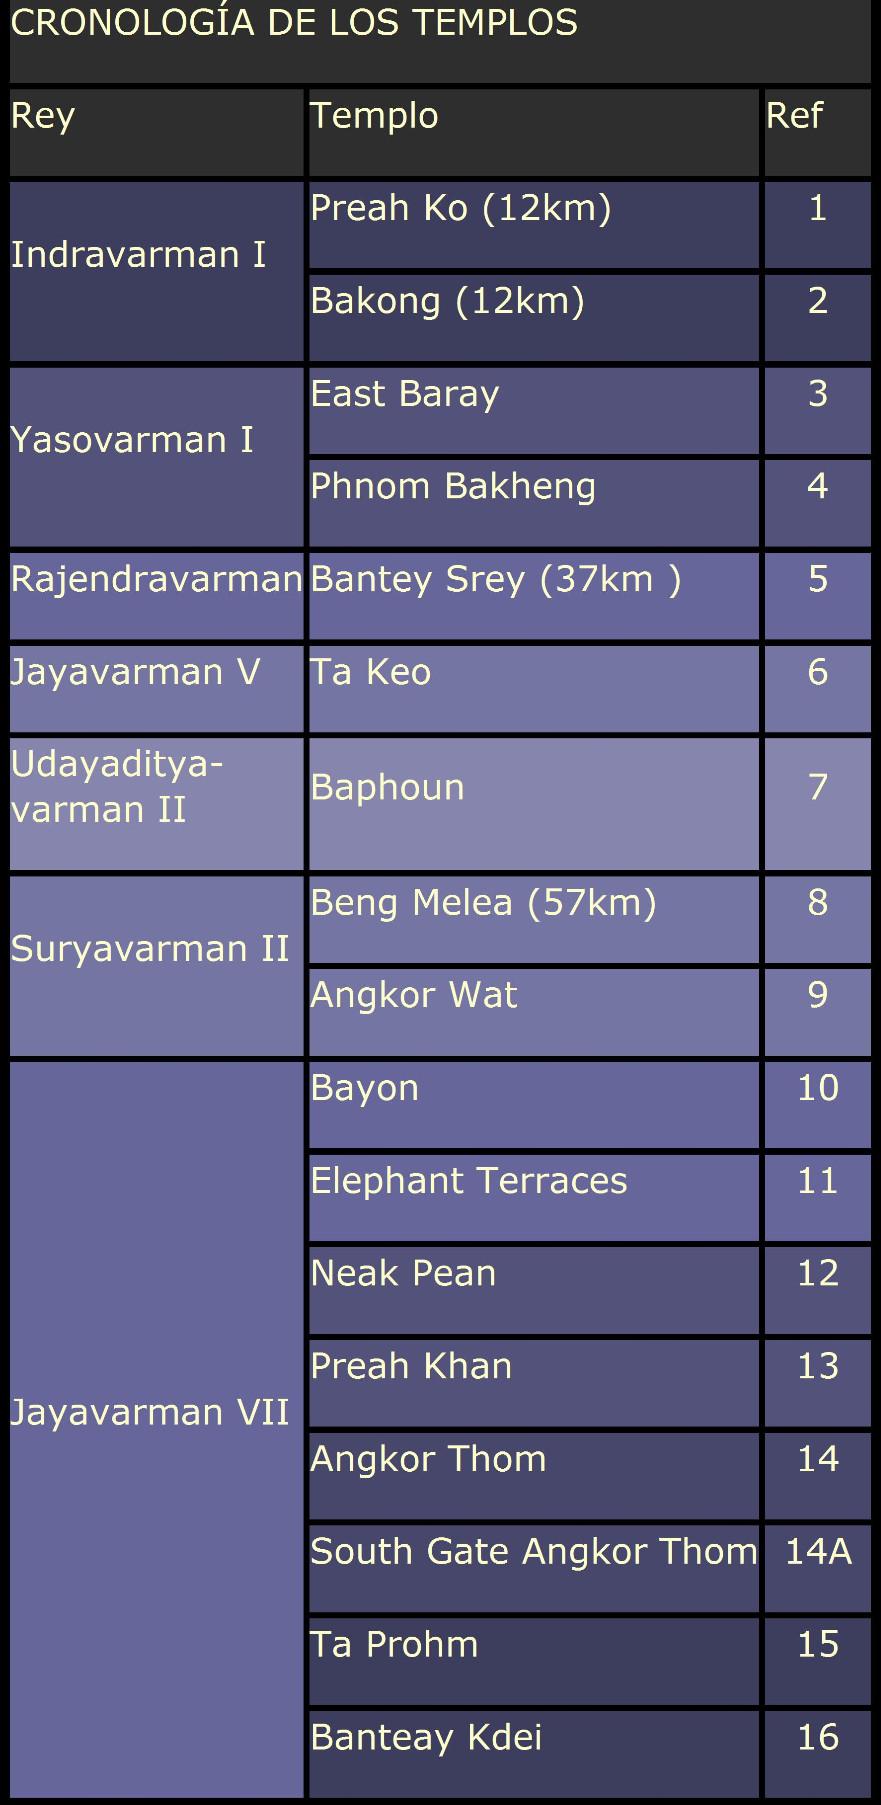 Cronología Templos, Siem Reap (Camboya)